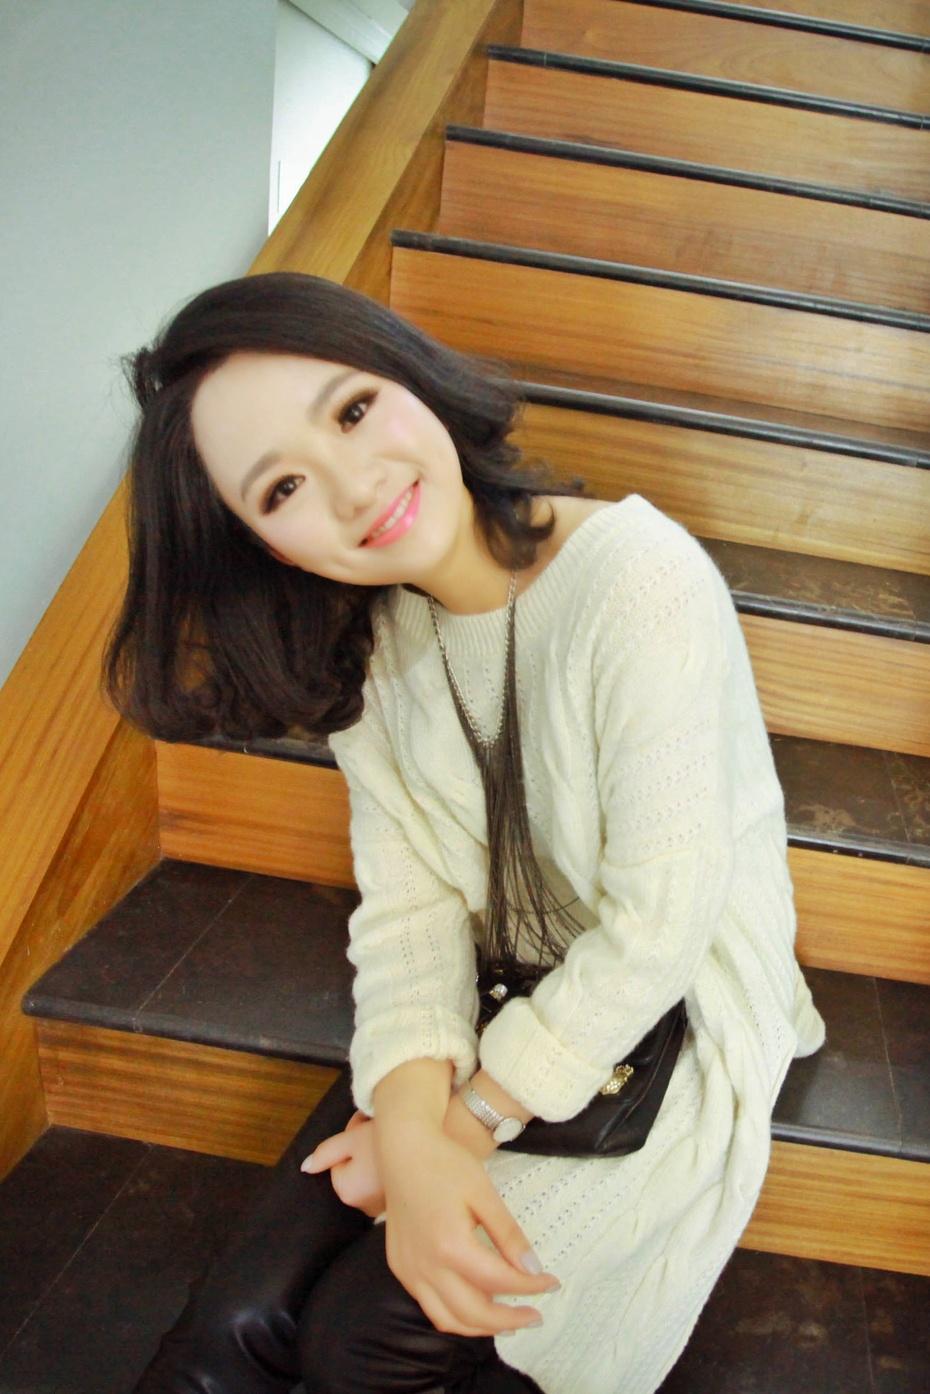 有个女孩叫水香 - yushunshun - 鱼顺顺的博客